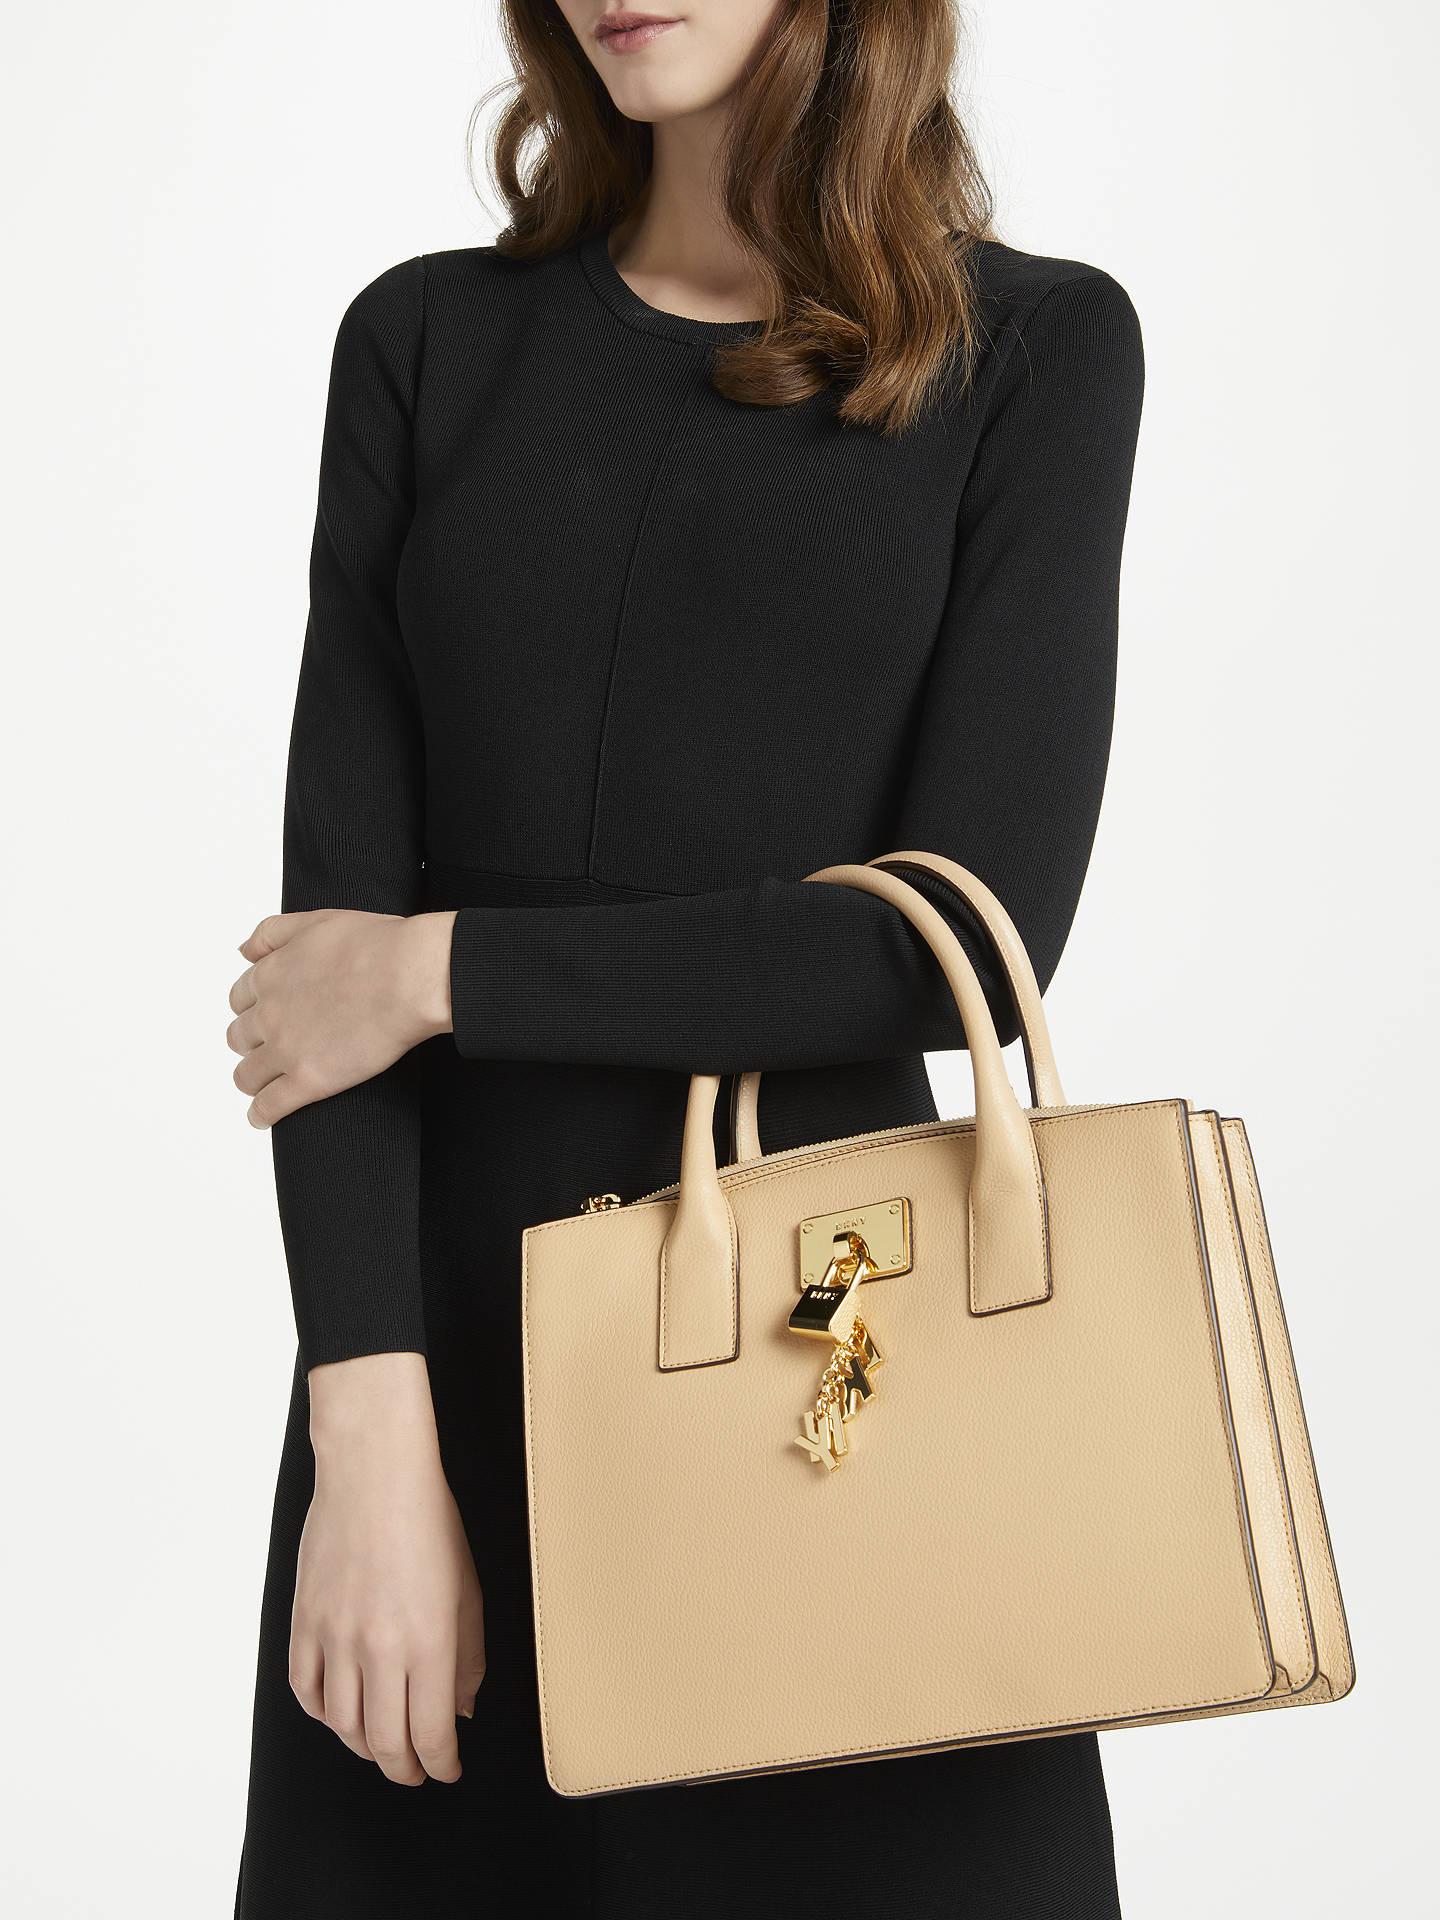 08ff2d4fc ... Buy DKNY Elissa Charm Detail Leather Tote Bag, Eggnog Online at  johnlewis.com